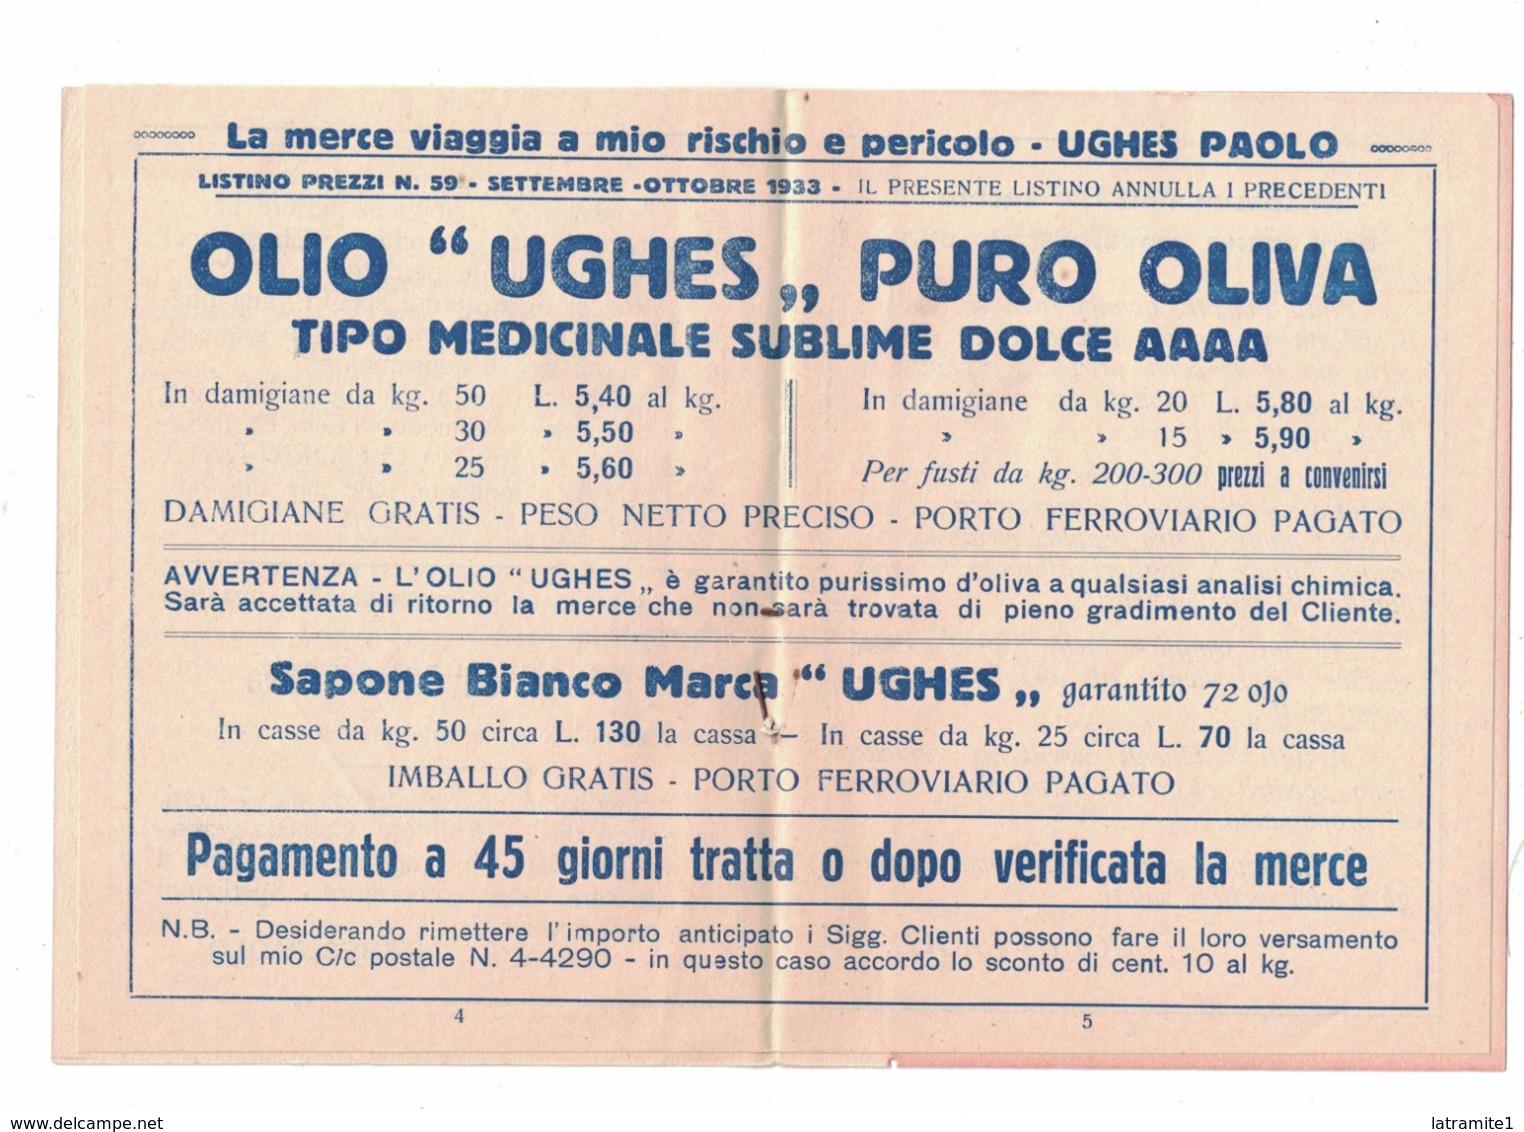 CARTOLINA POSTALE OLIO PURO D'OLIVA PAOLO UGHES  ONEGLIA Con Listino - Pubblicitari